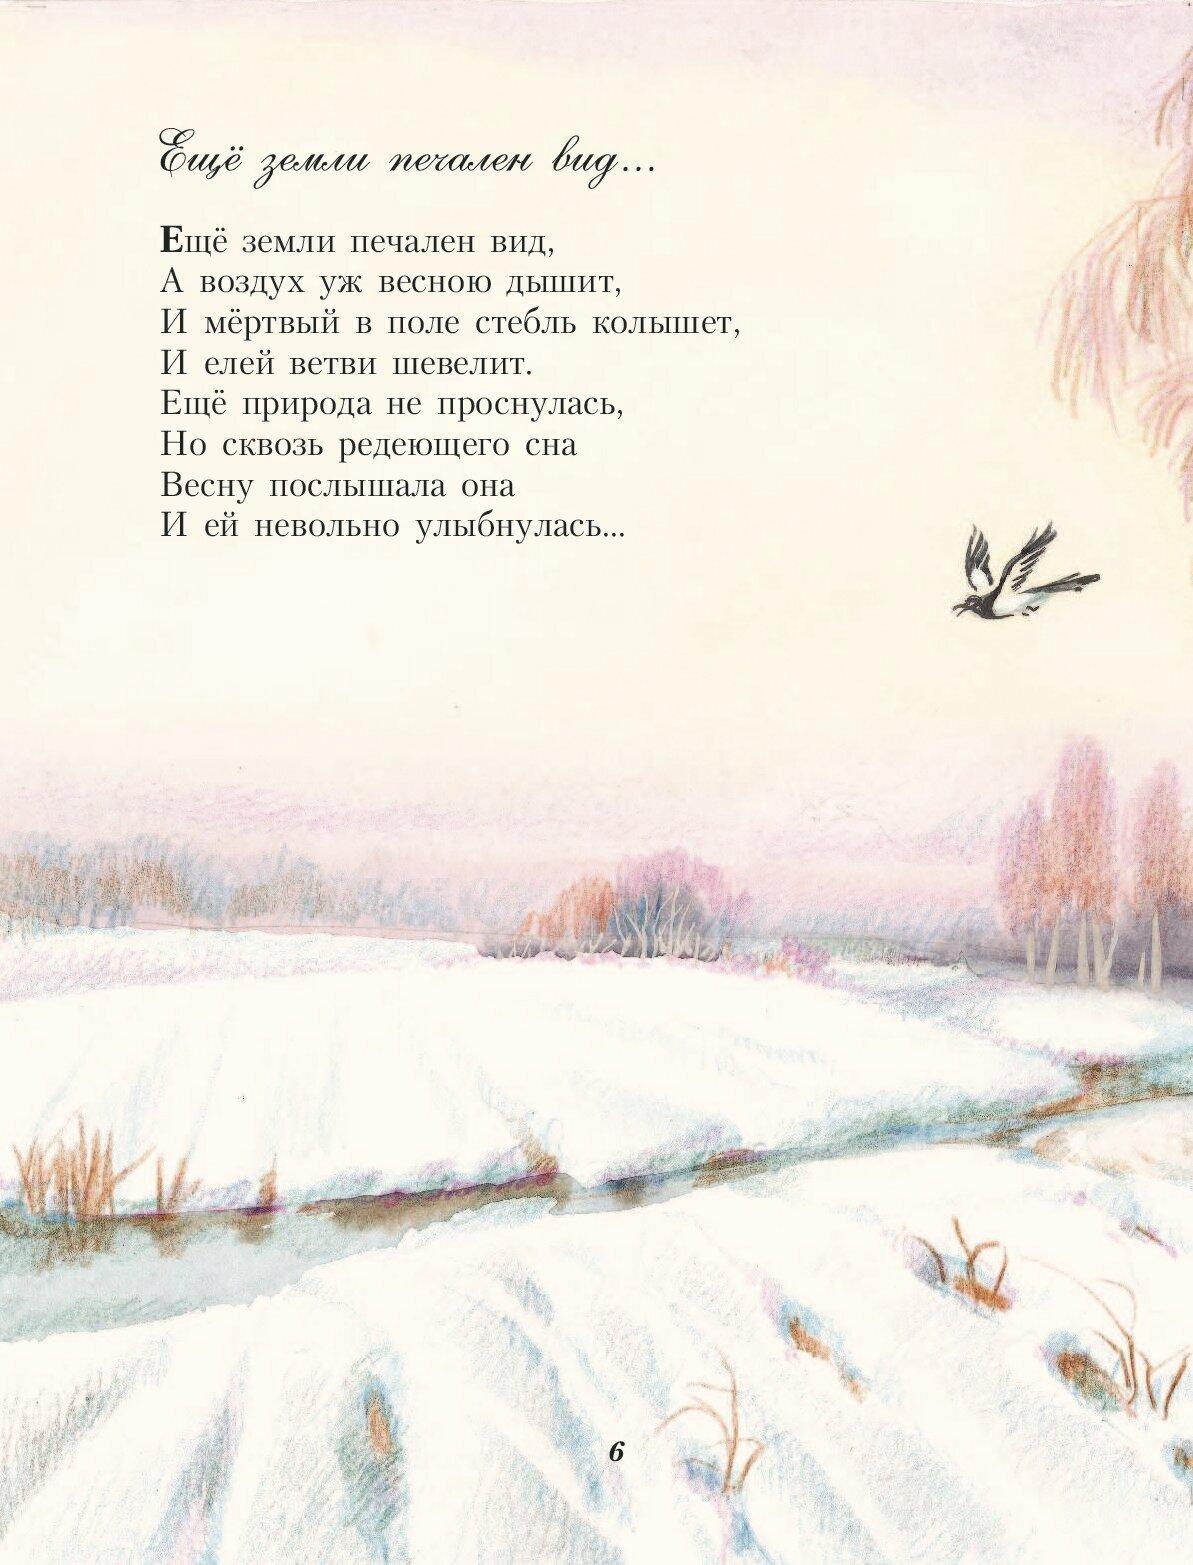 Картинки строчек стихов поздравления